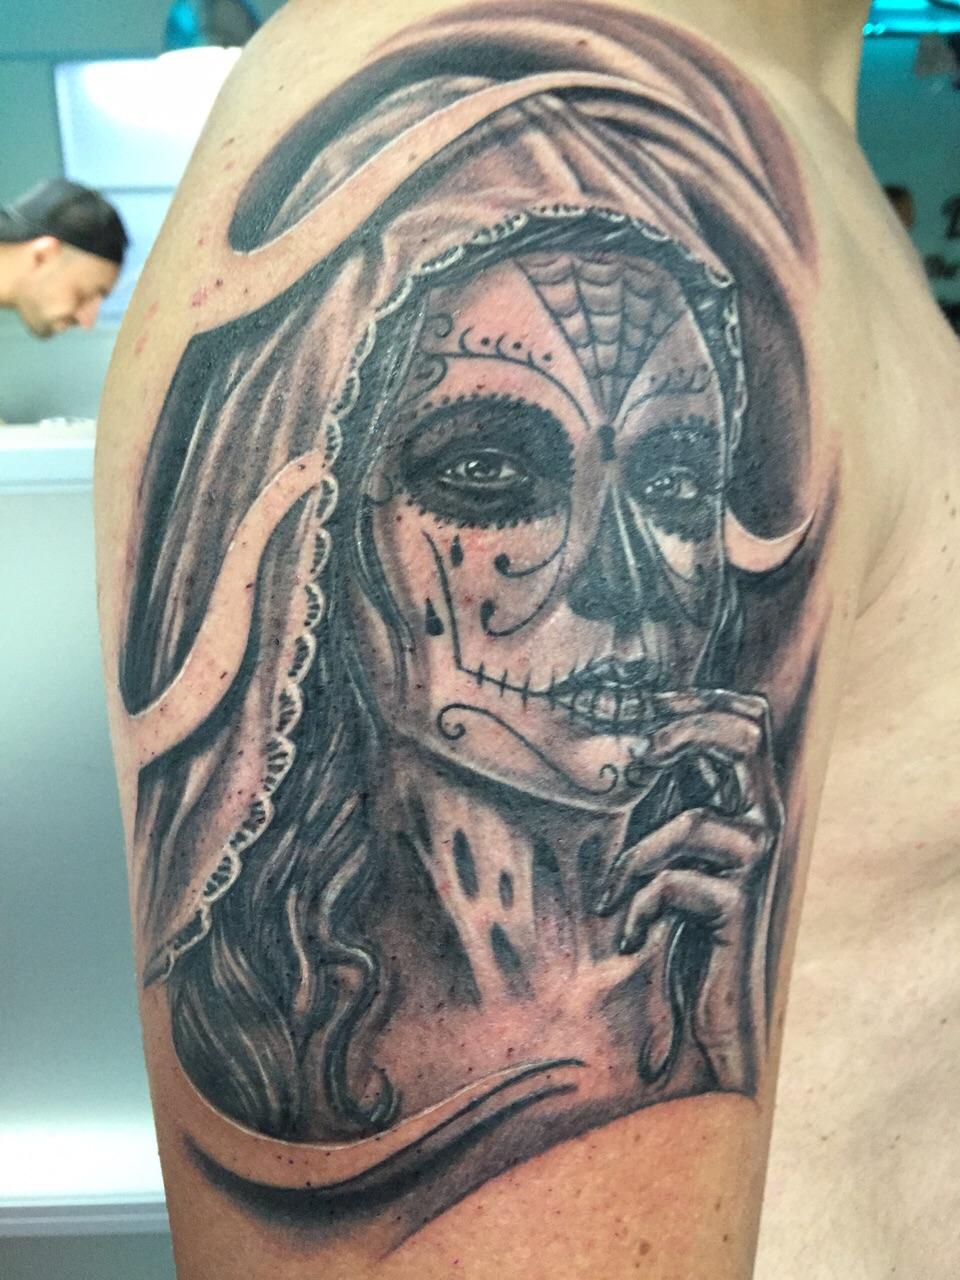 Zeer Sugar skull tattoo laten zetten? Uitleg over de betekenis en stijl! NZ17